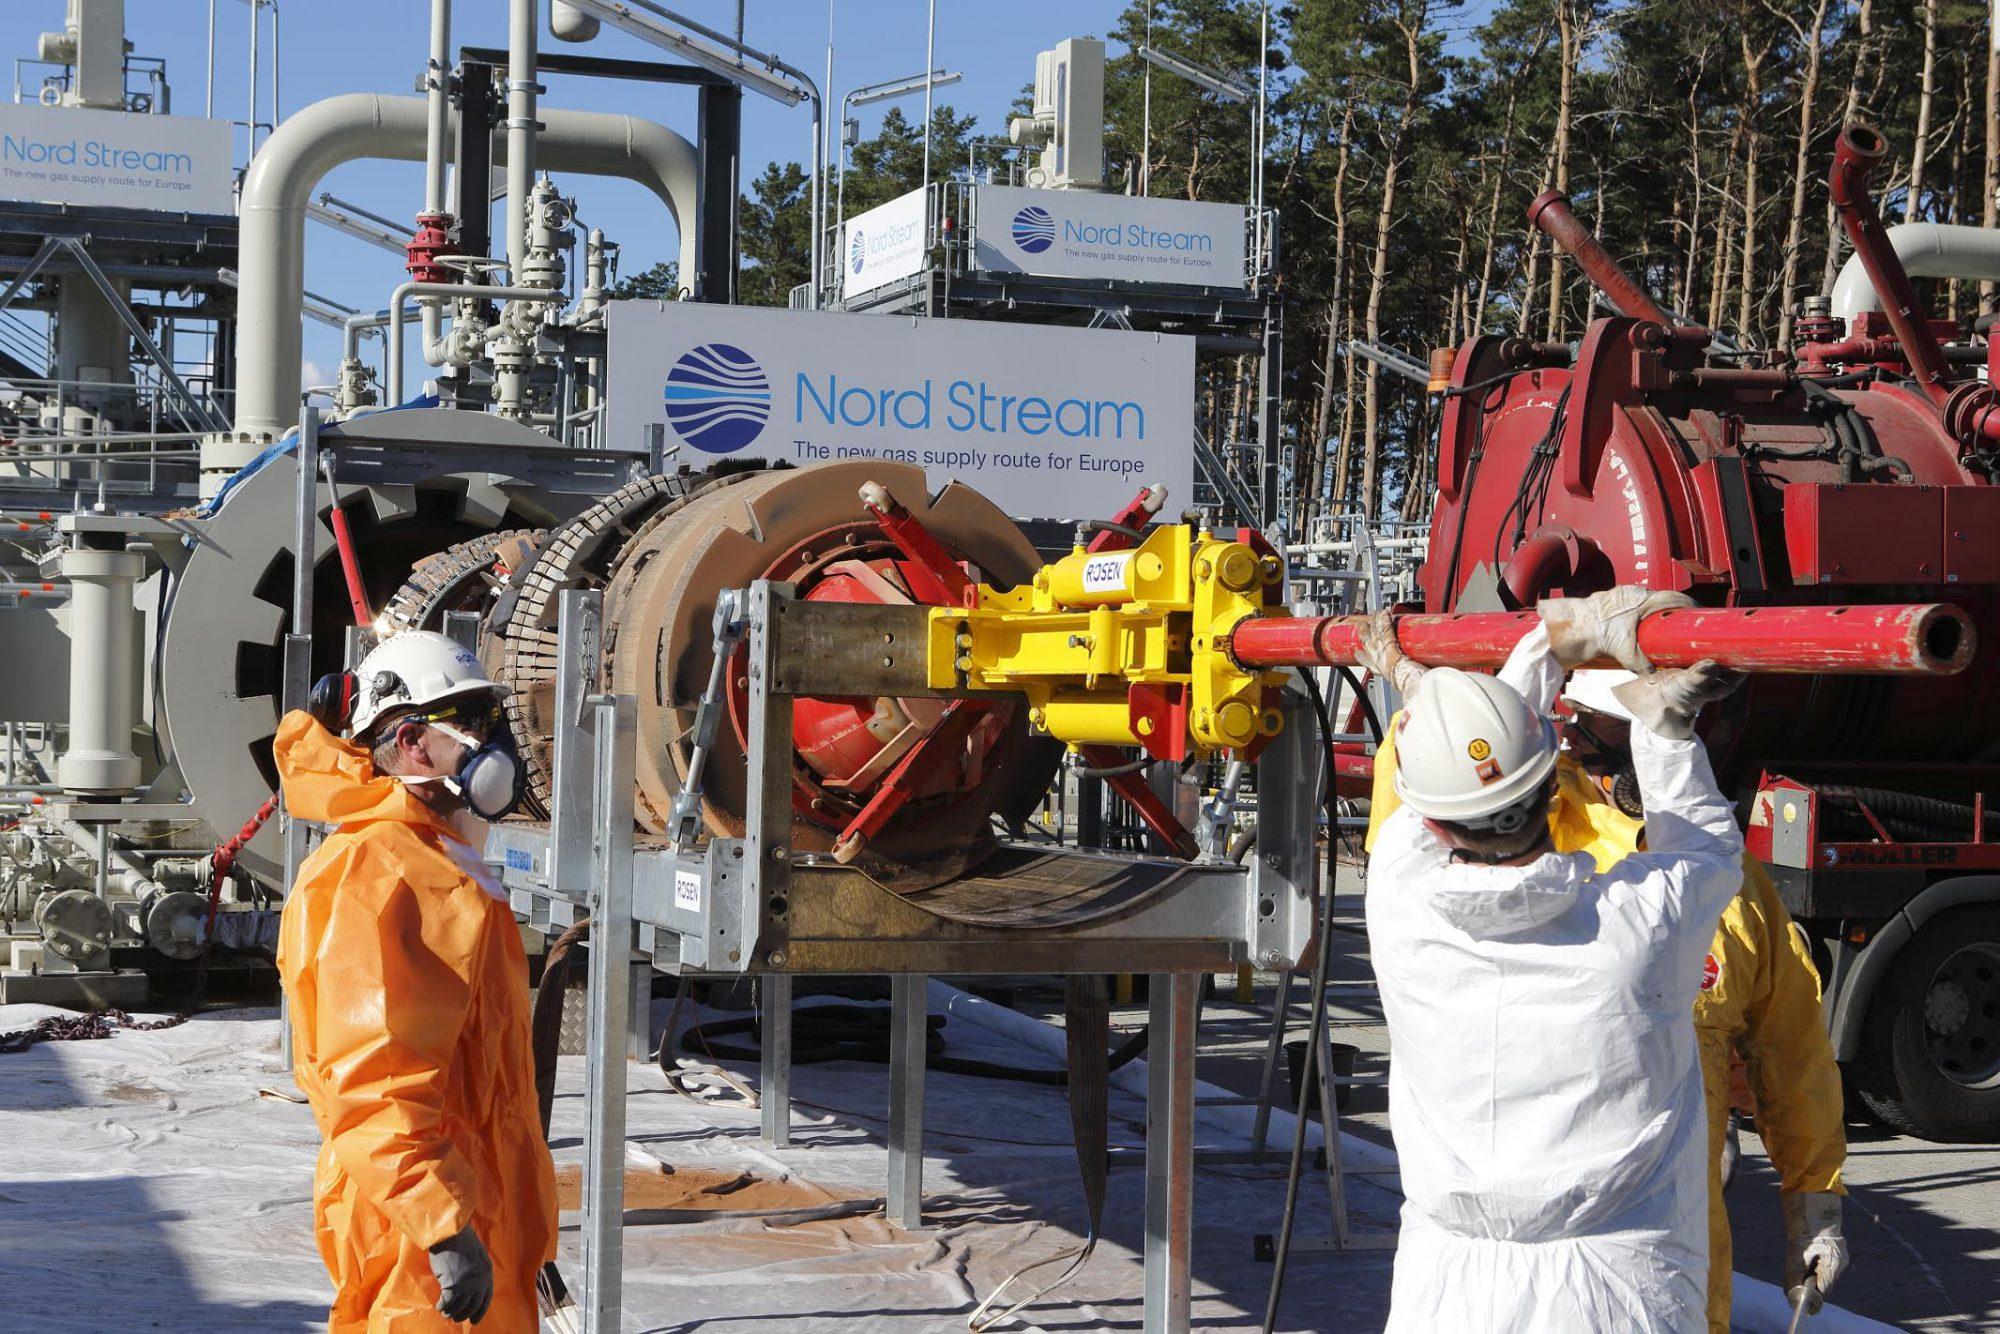 Ρωσία: Προς κατάκτηση της ευρωπαϊκής ενεργειακής αγοράς – Τι γίνεται με τον Nord Stream ΙΙ;